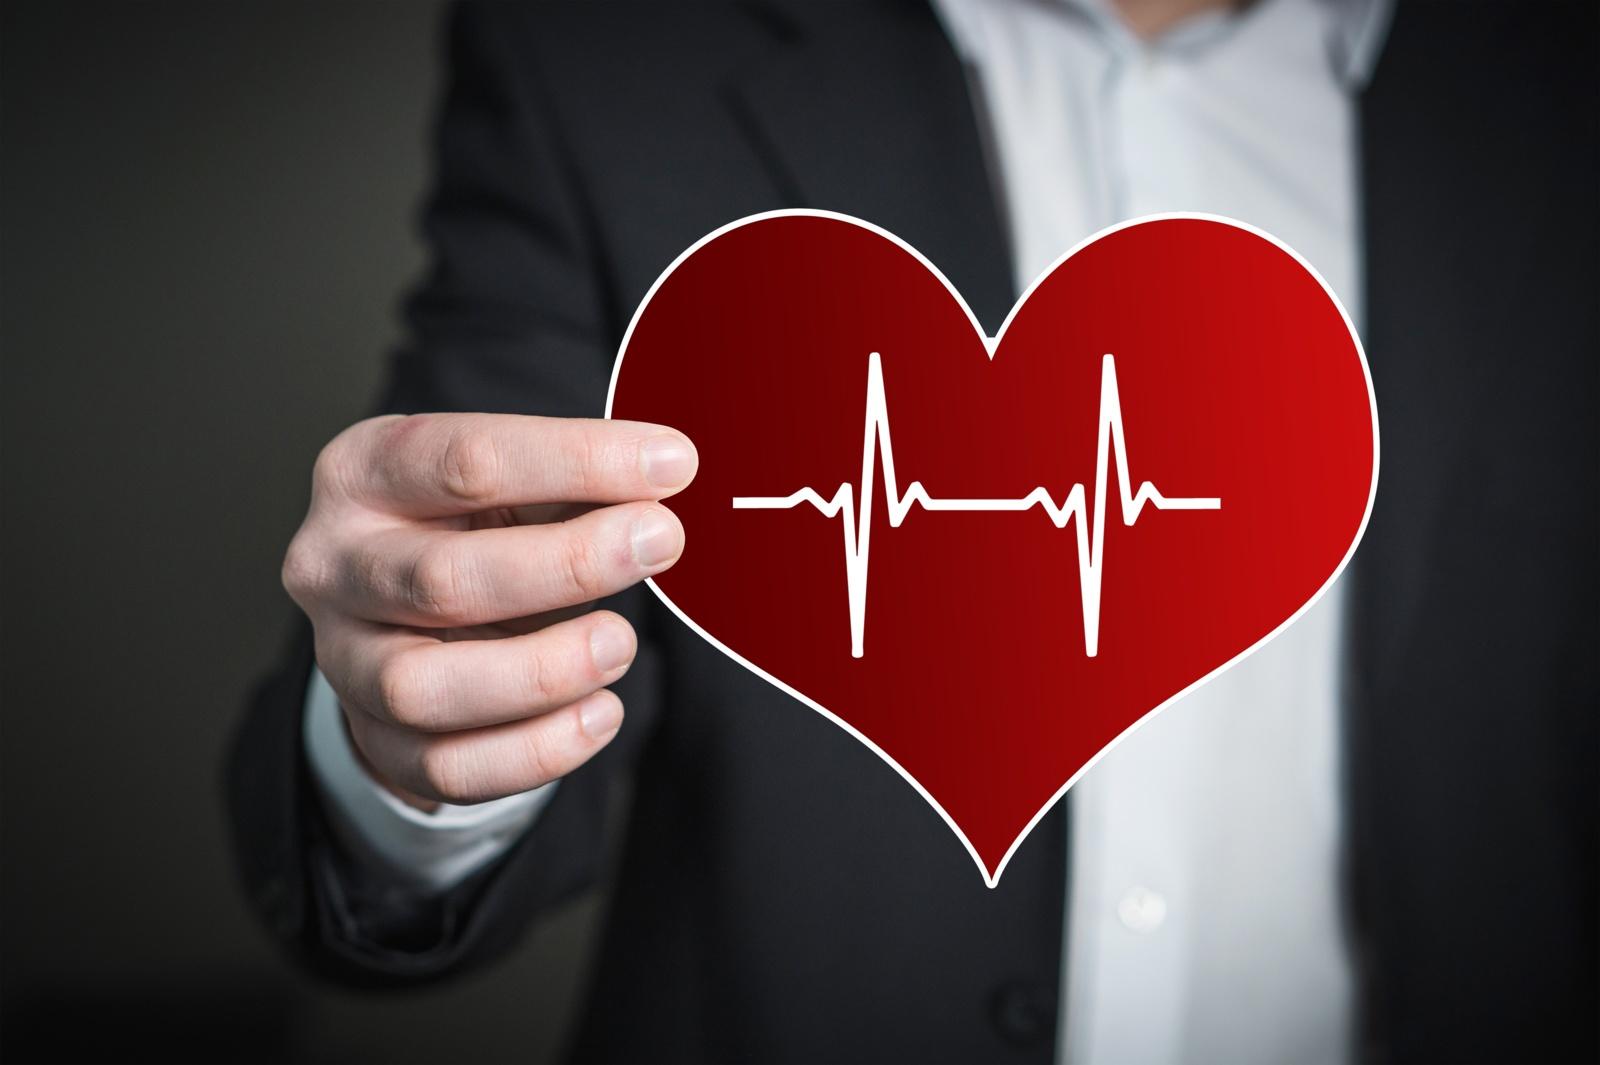 kaip išgydyti hipertenziją 1